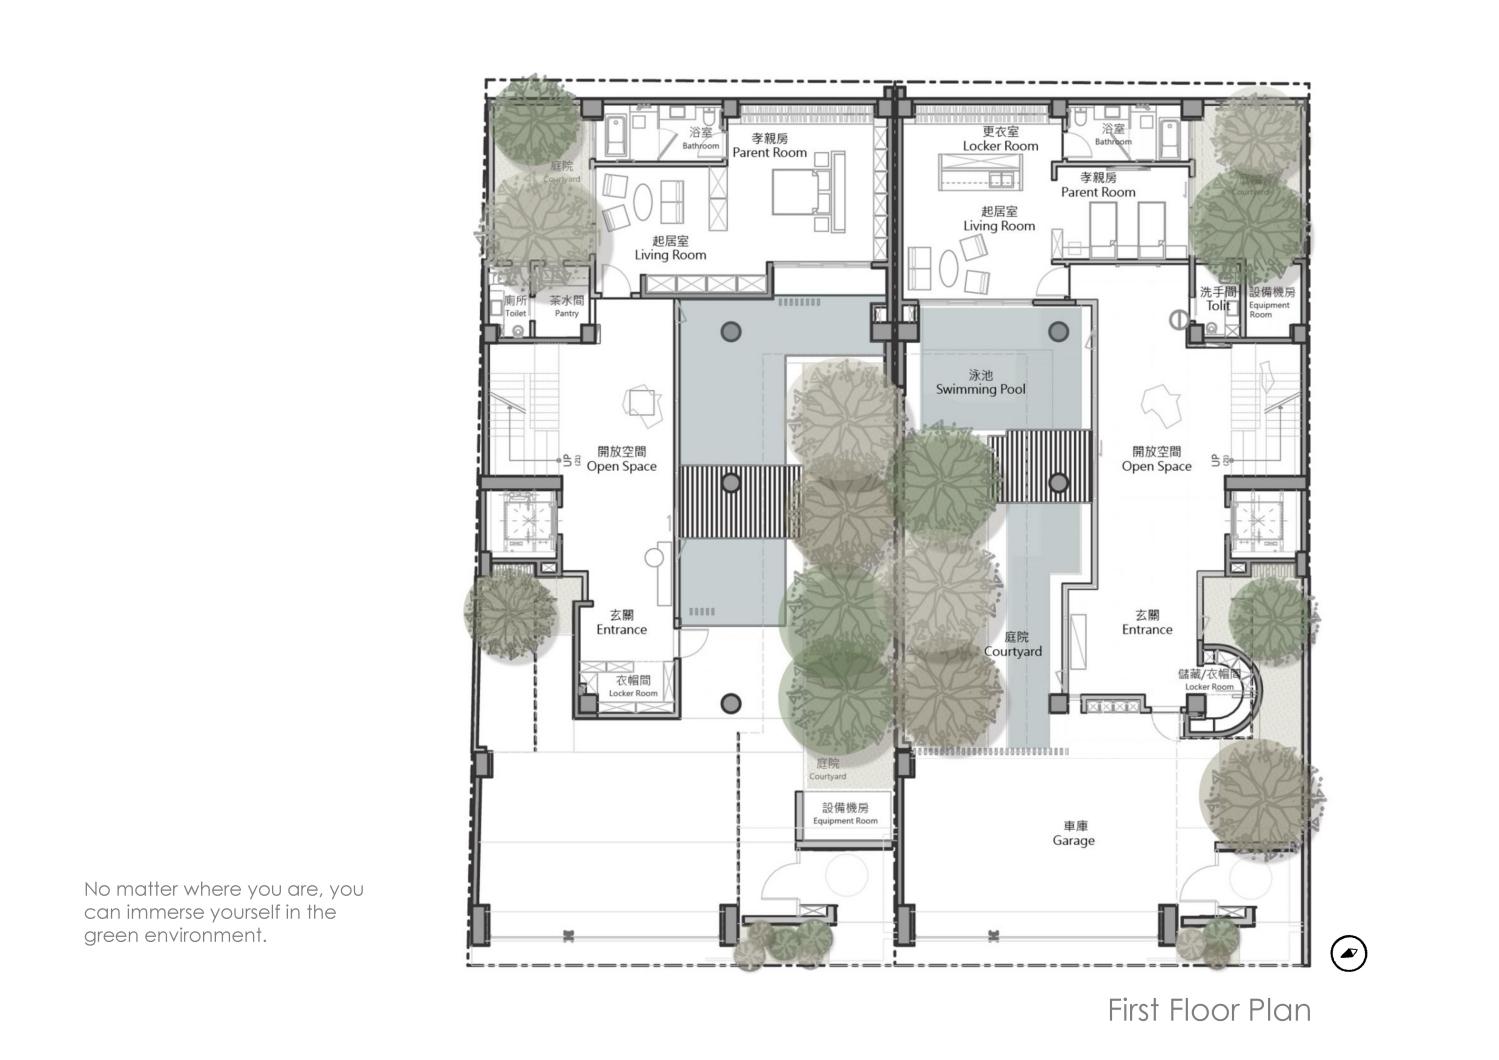 First Floor Plan Chain10 Architecture & Interior Design Institute}